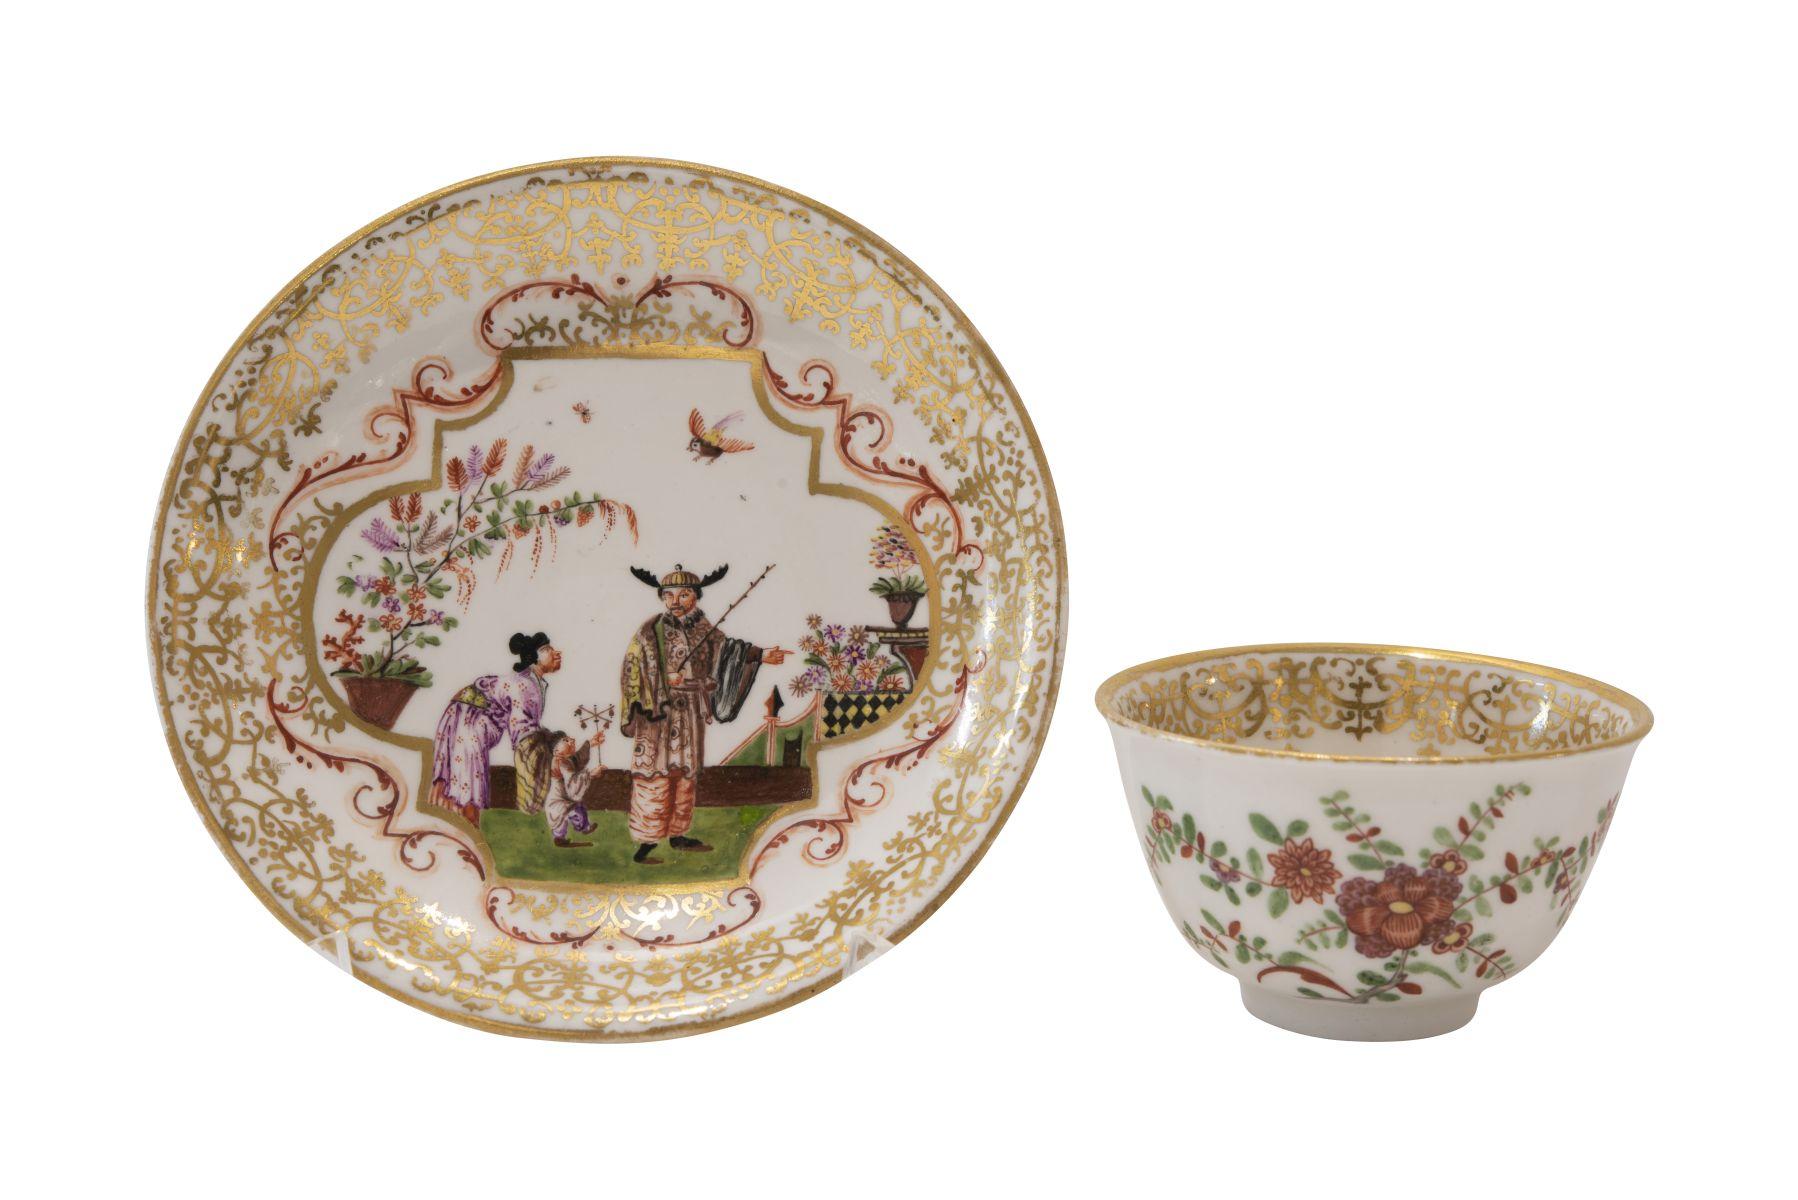 #104 Small cup with lower bowl, Meissen around 1720/30 | Koppchen mit Unterschale Meissen um 1720/30 Image